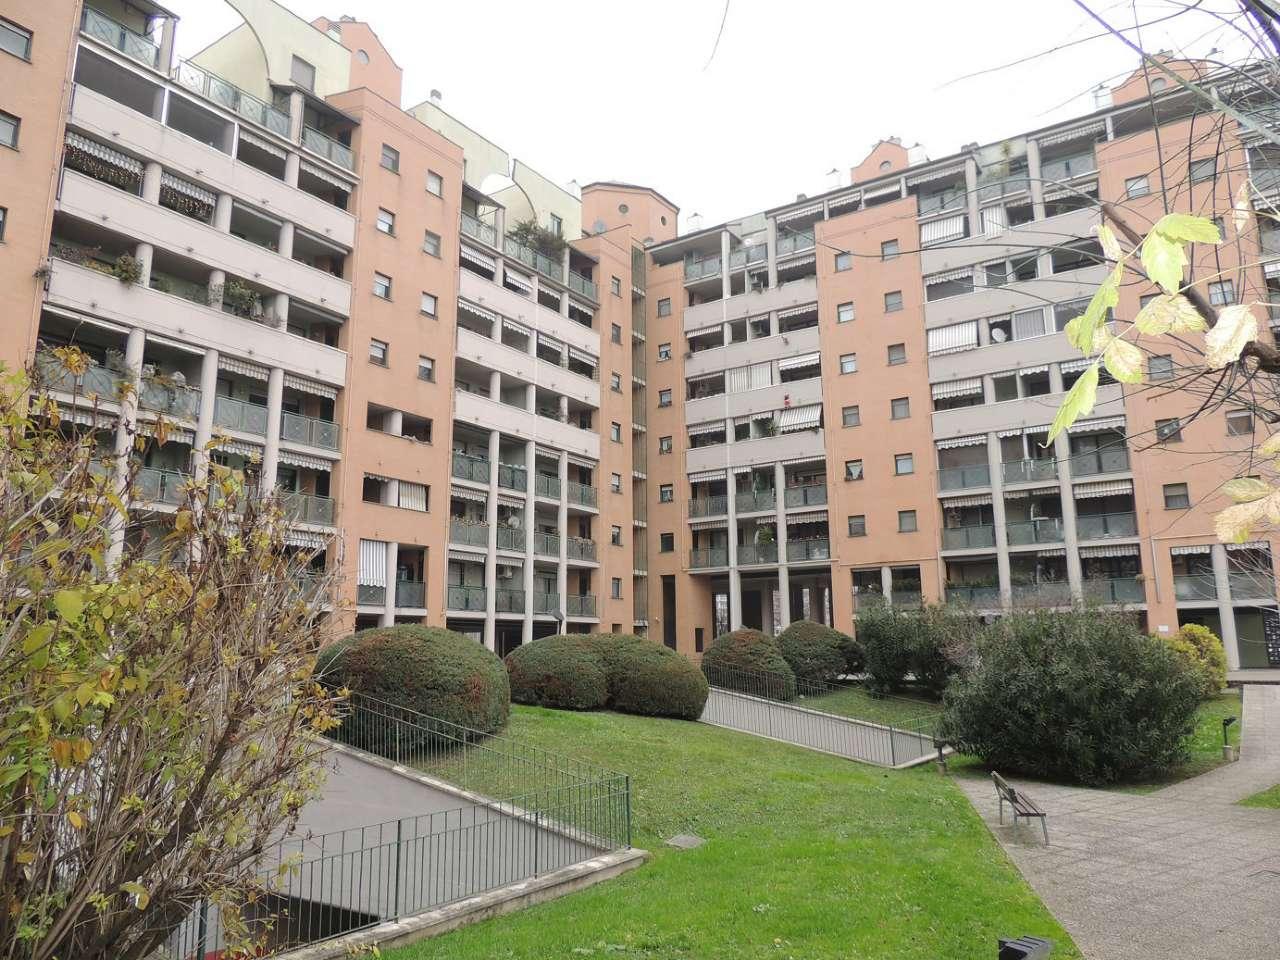 Appartamento in vendita a Milano, 4 locali, zona Zona: 5 . Citta' Studi, Lambrate, Udine, Loreto, Piola, Ortica, prezzo € 560.000   Cambio Casa.it